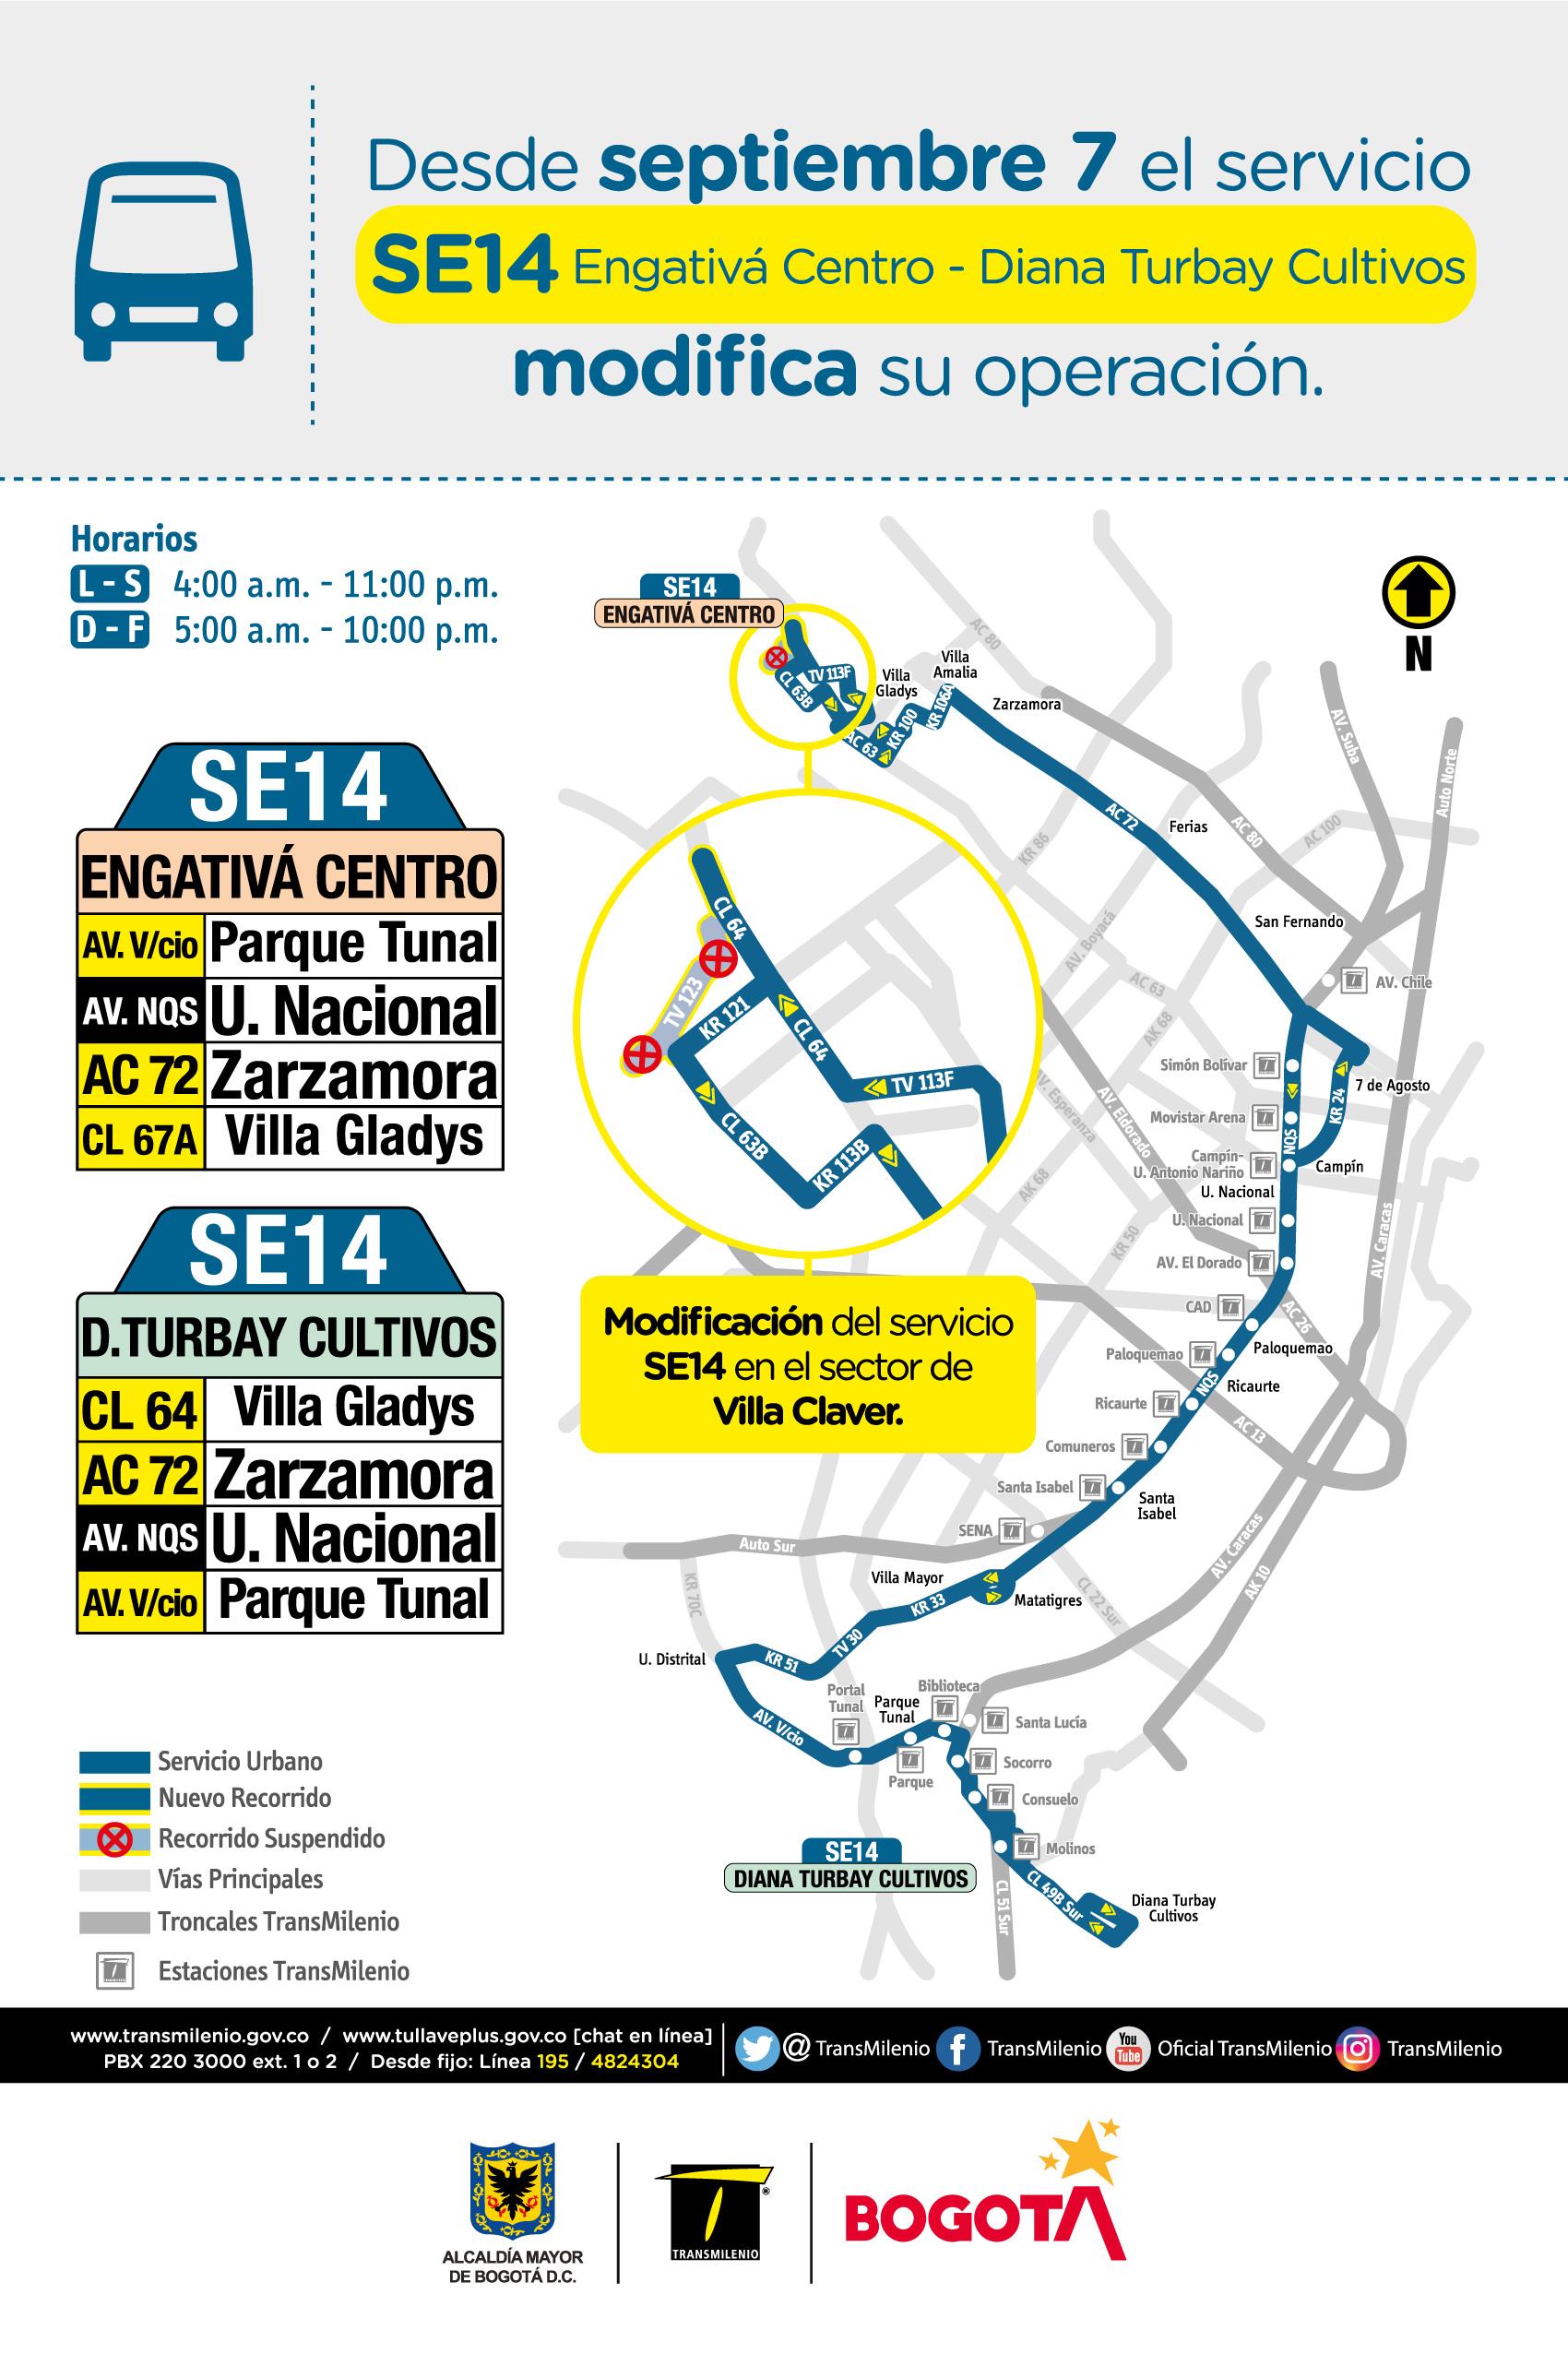 Mapa de la ruta SE14 con novedades en su trayecto